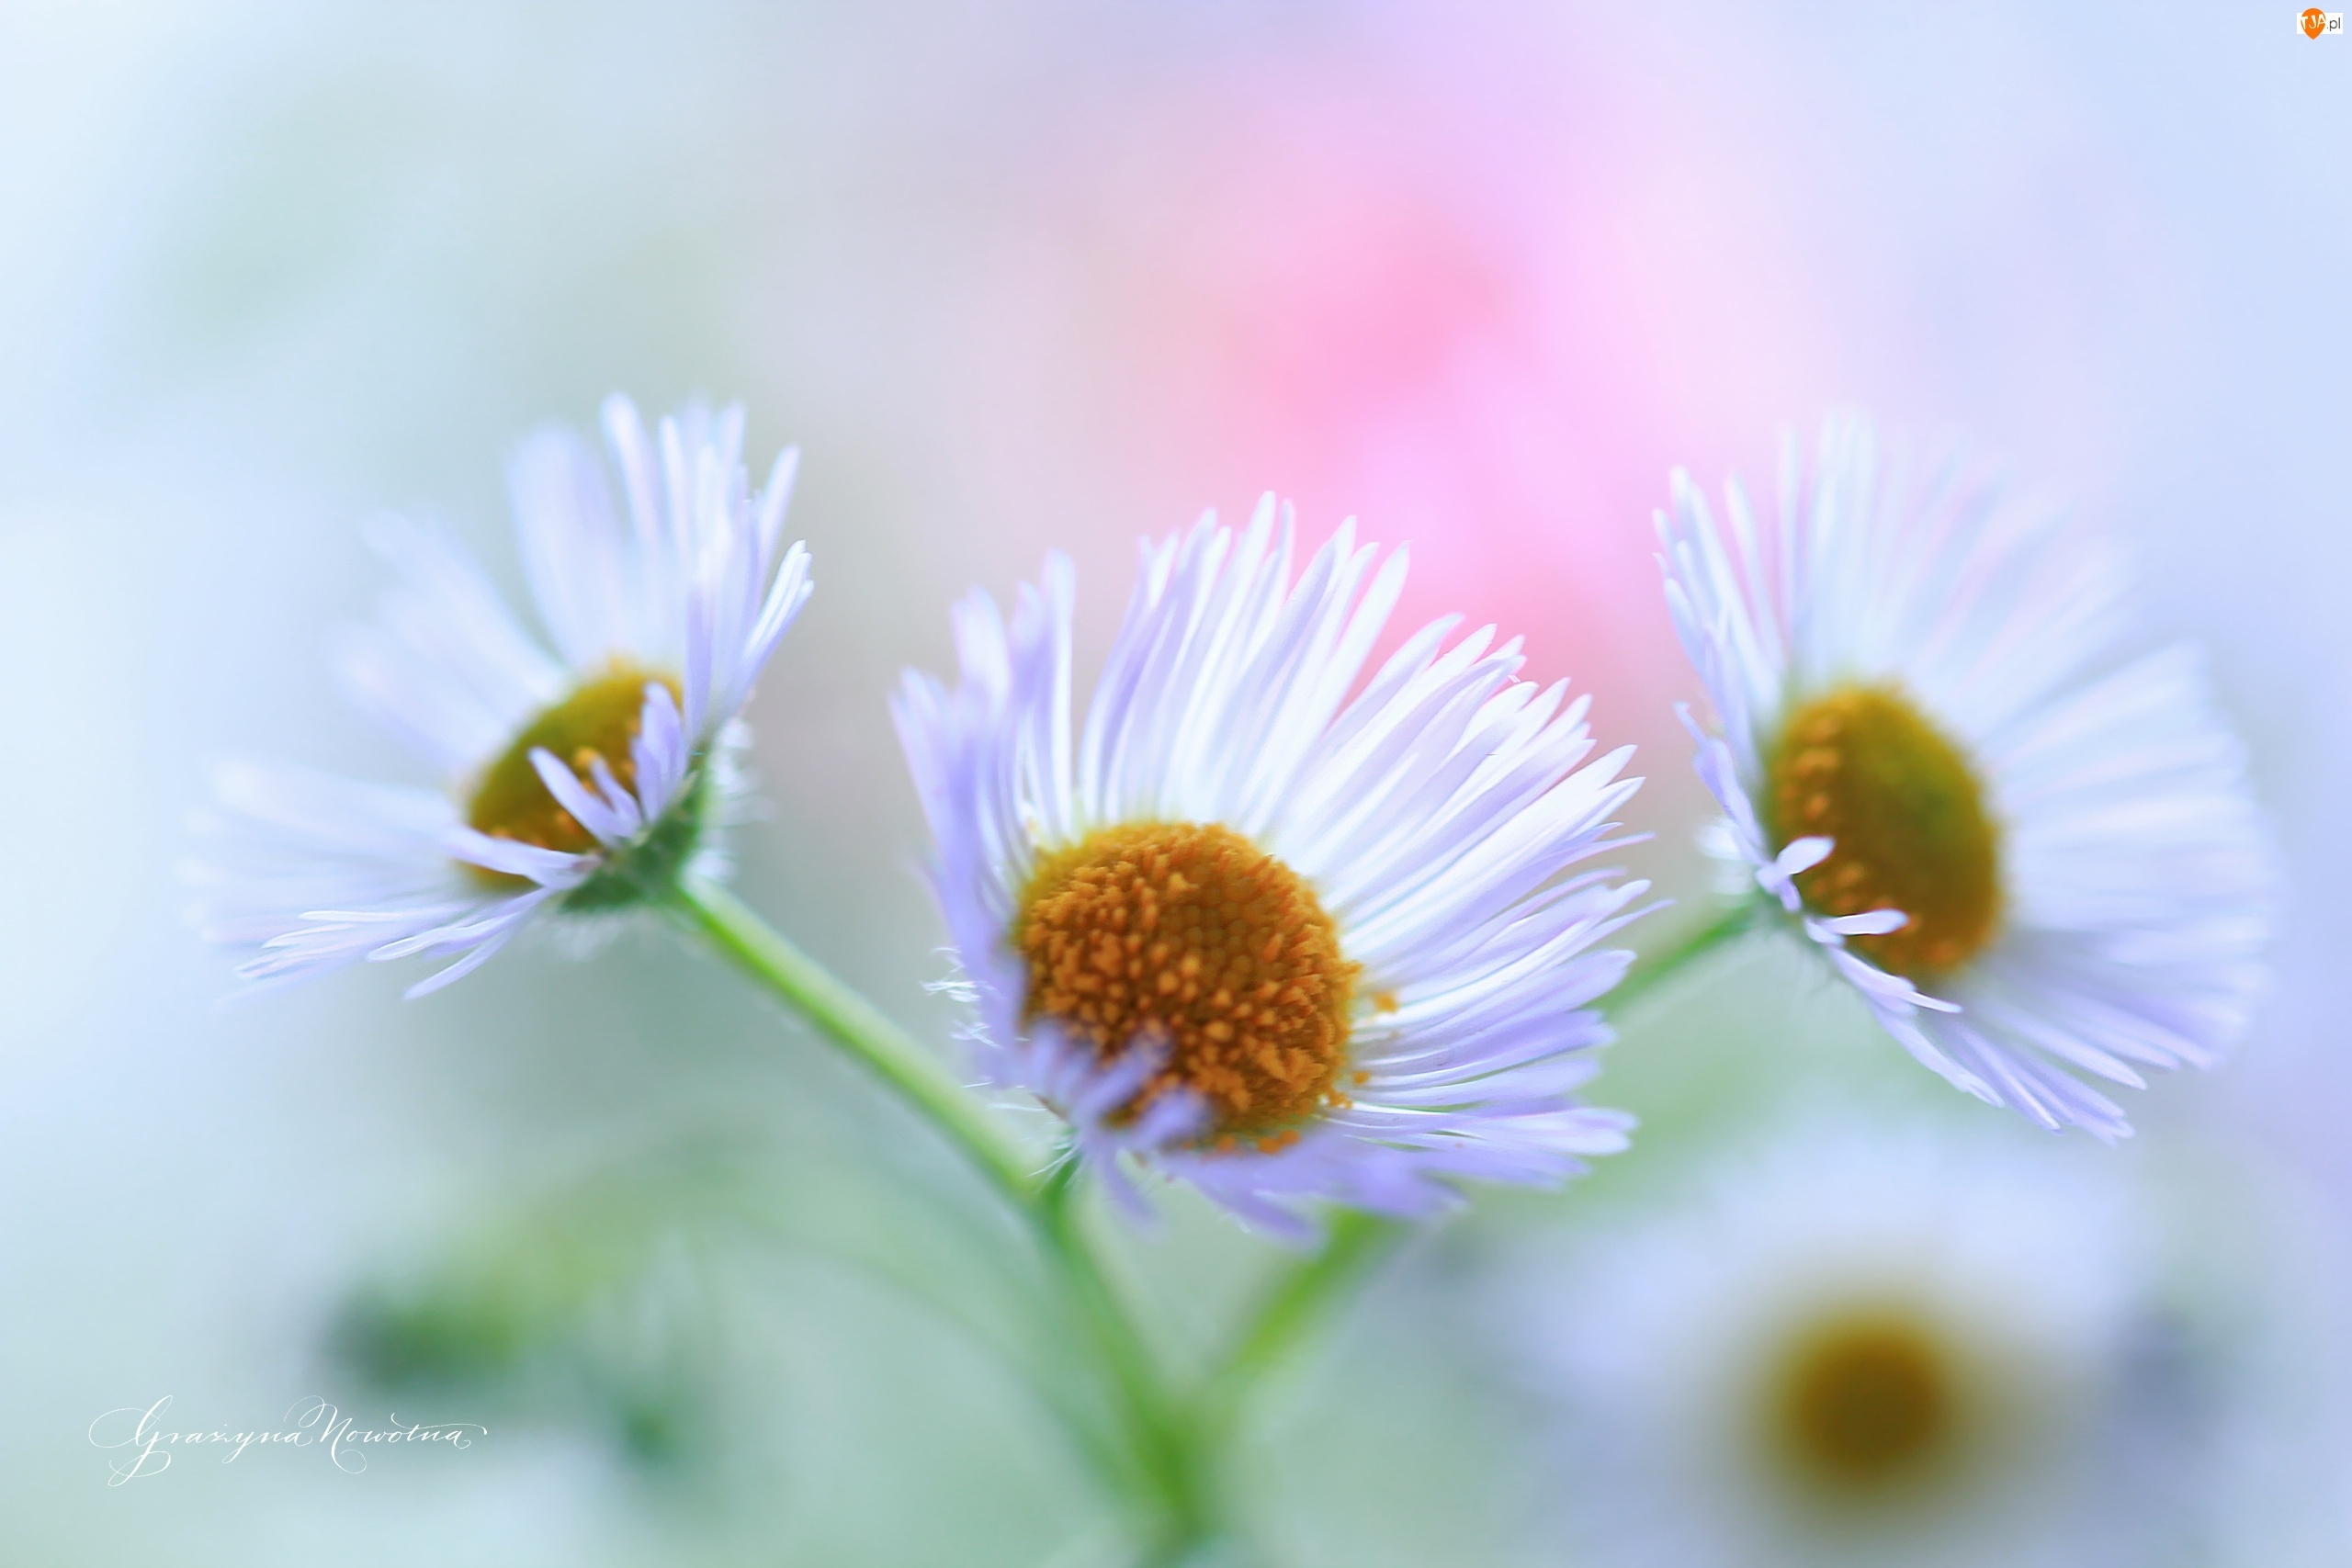 Przymiotno białe, Białe, Kwiaty